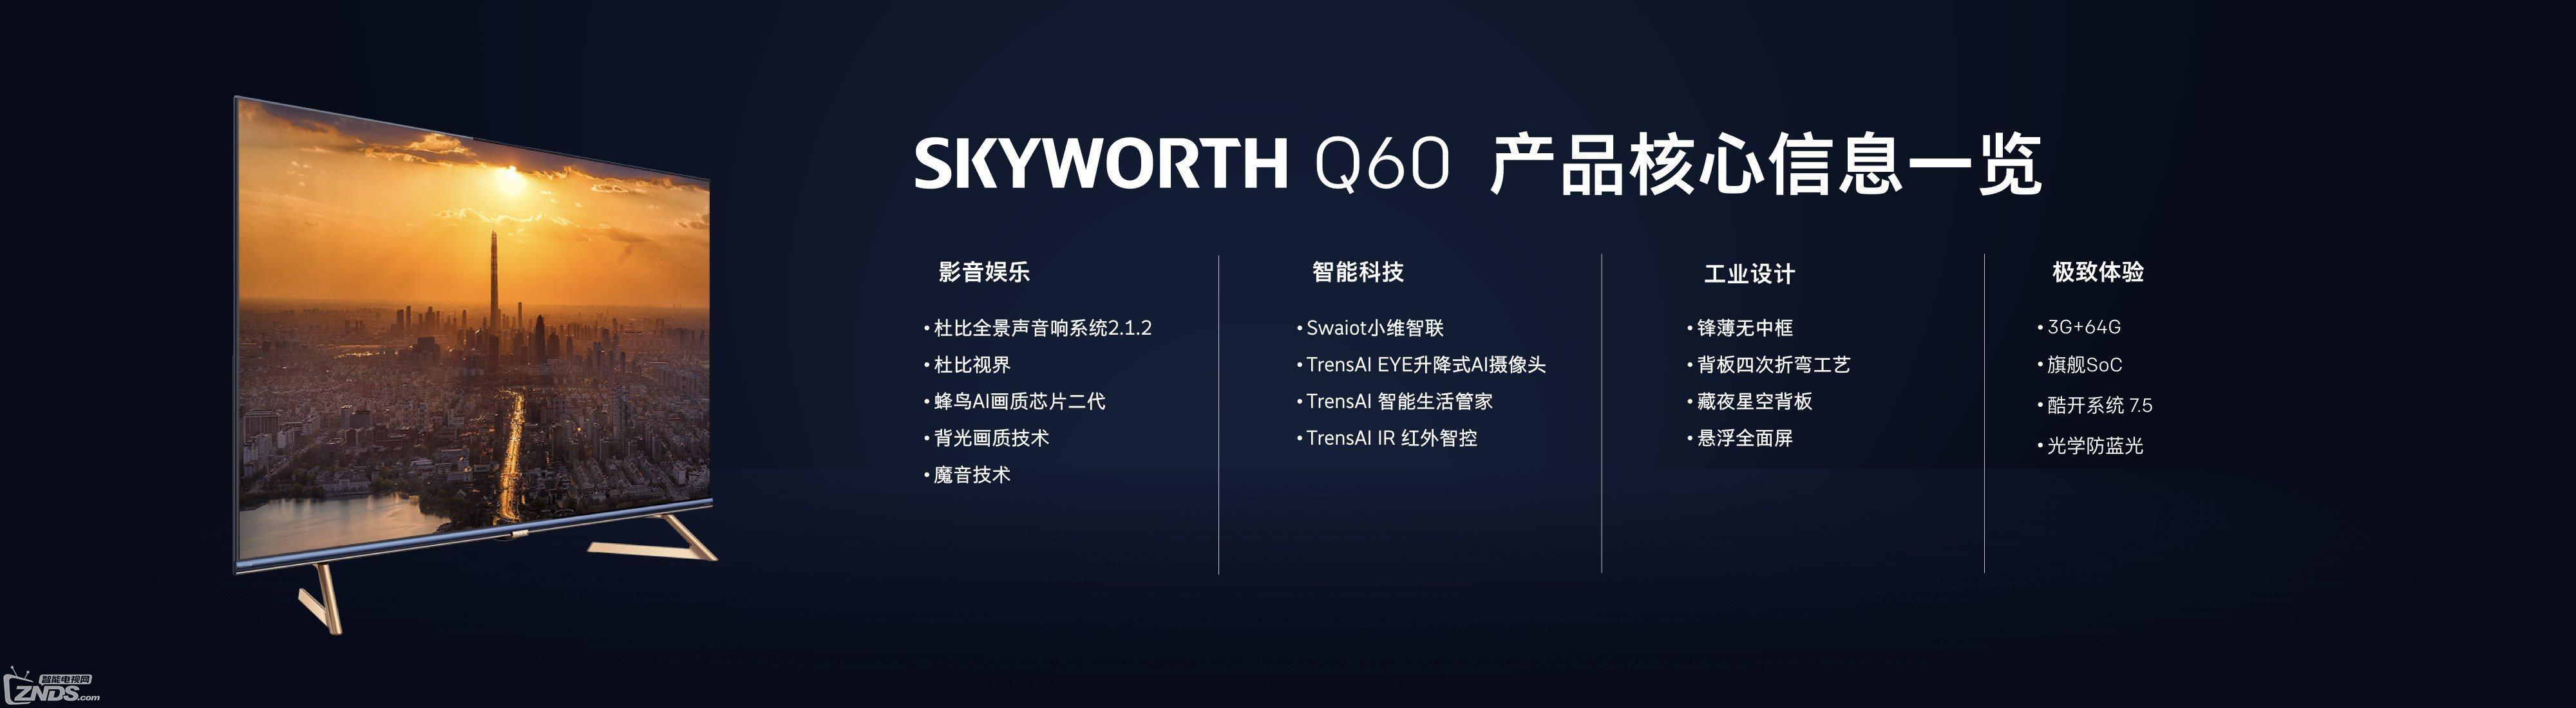 创维发布创维Q60真全景声智能电视 更时尚有品质_-_热点资讯-艾德百科网